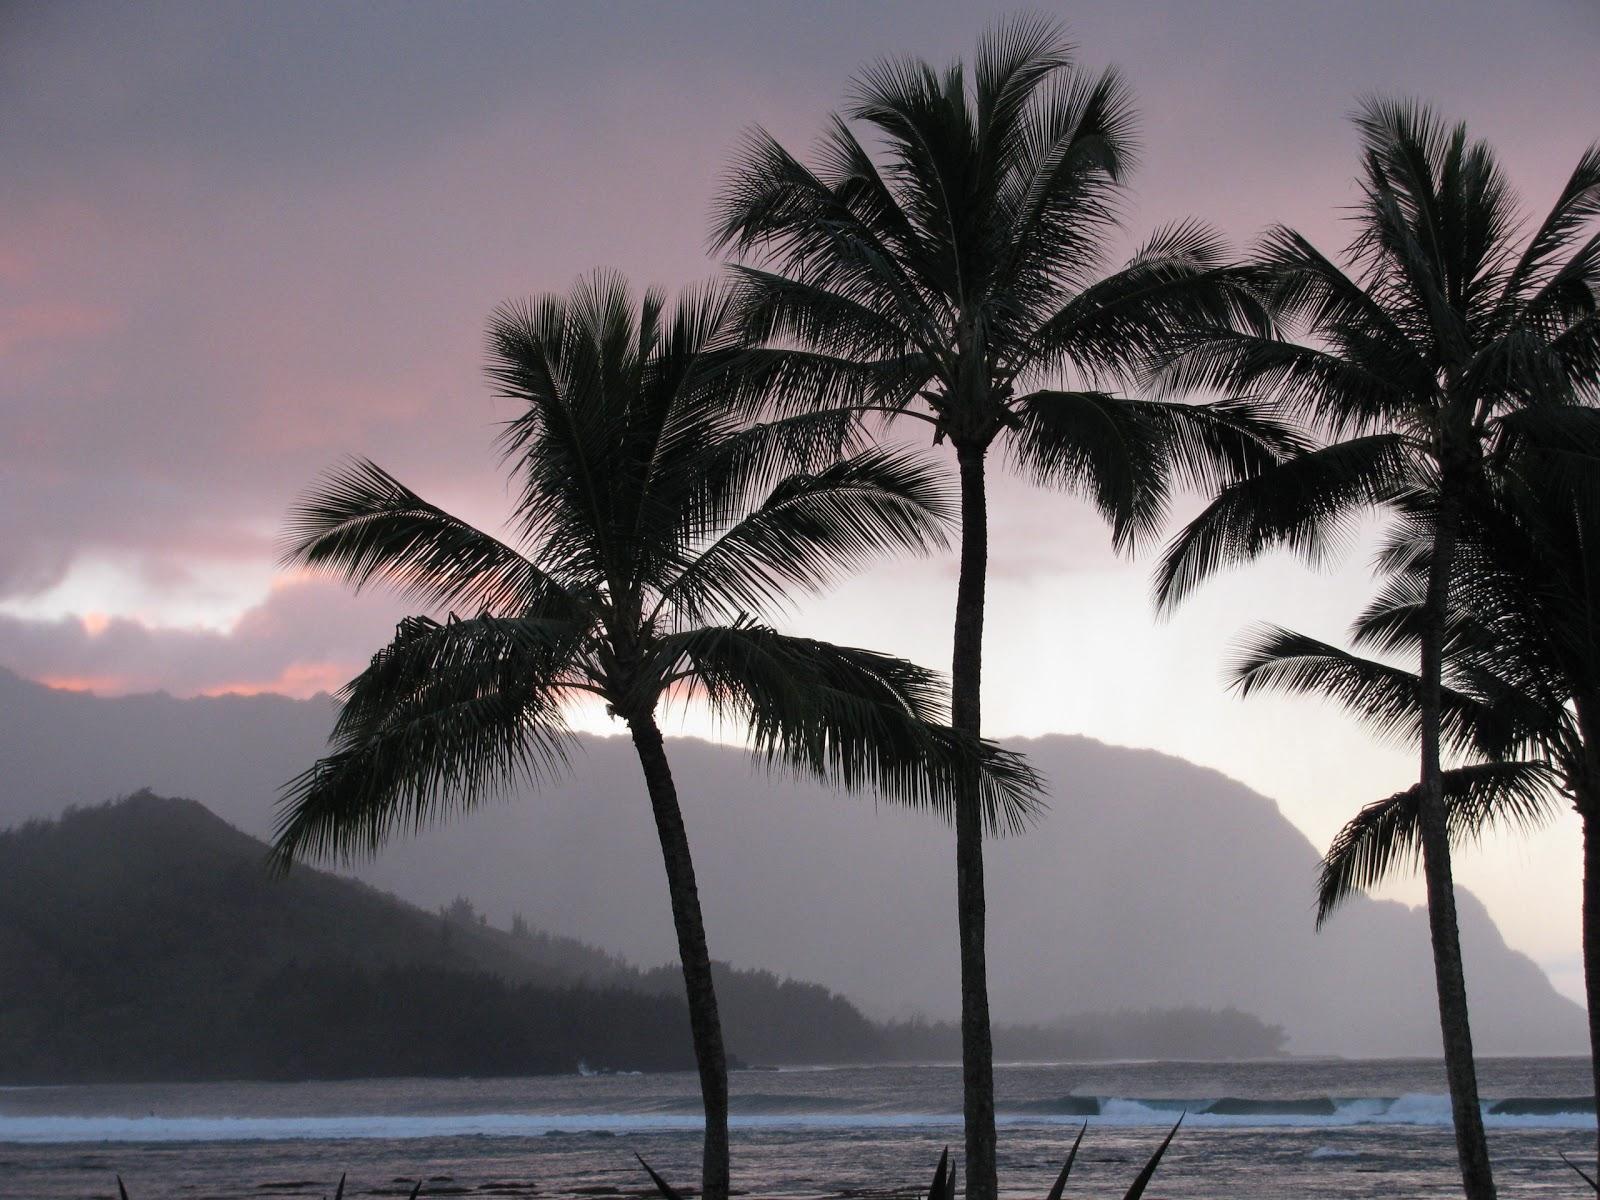 http://3.bp.blogspot.com/__Ws4bRsM4ZI/TST8TeSY7zI/AAAAAAAAAxw/KLb2pP5X5Y0/s1600/Beach2.jpg